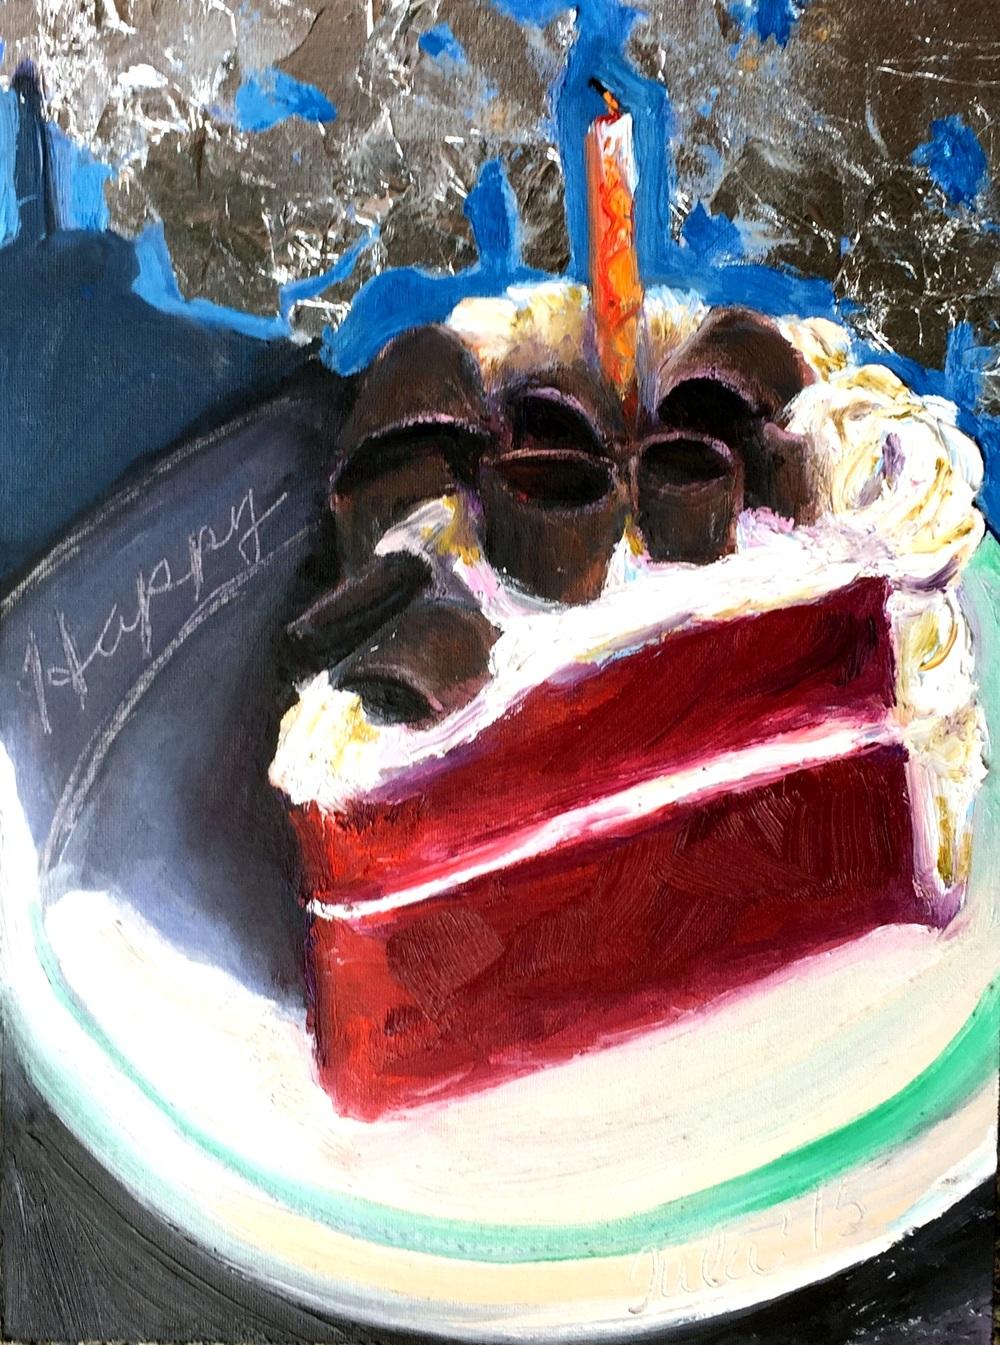 Red Velvet Cake- Copyright 2015